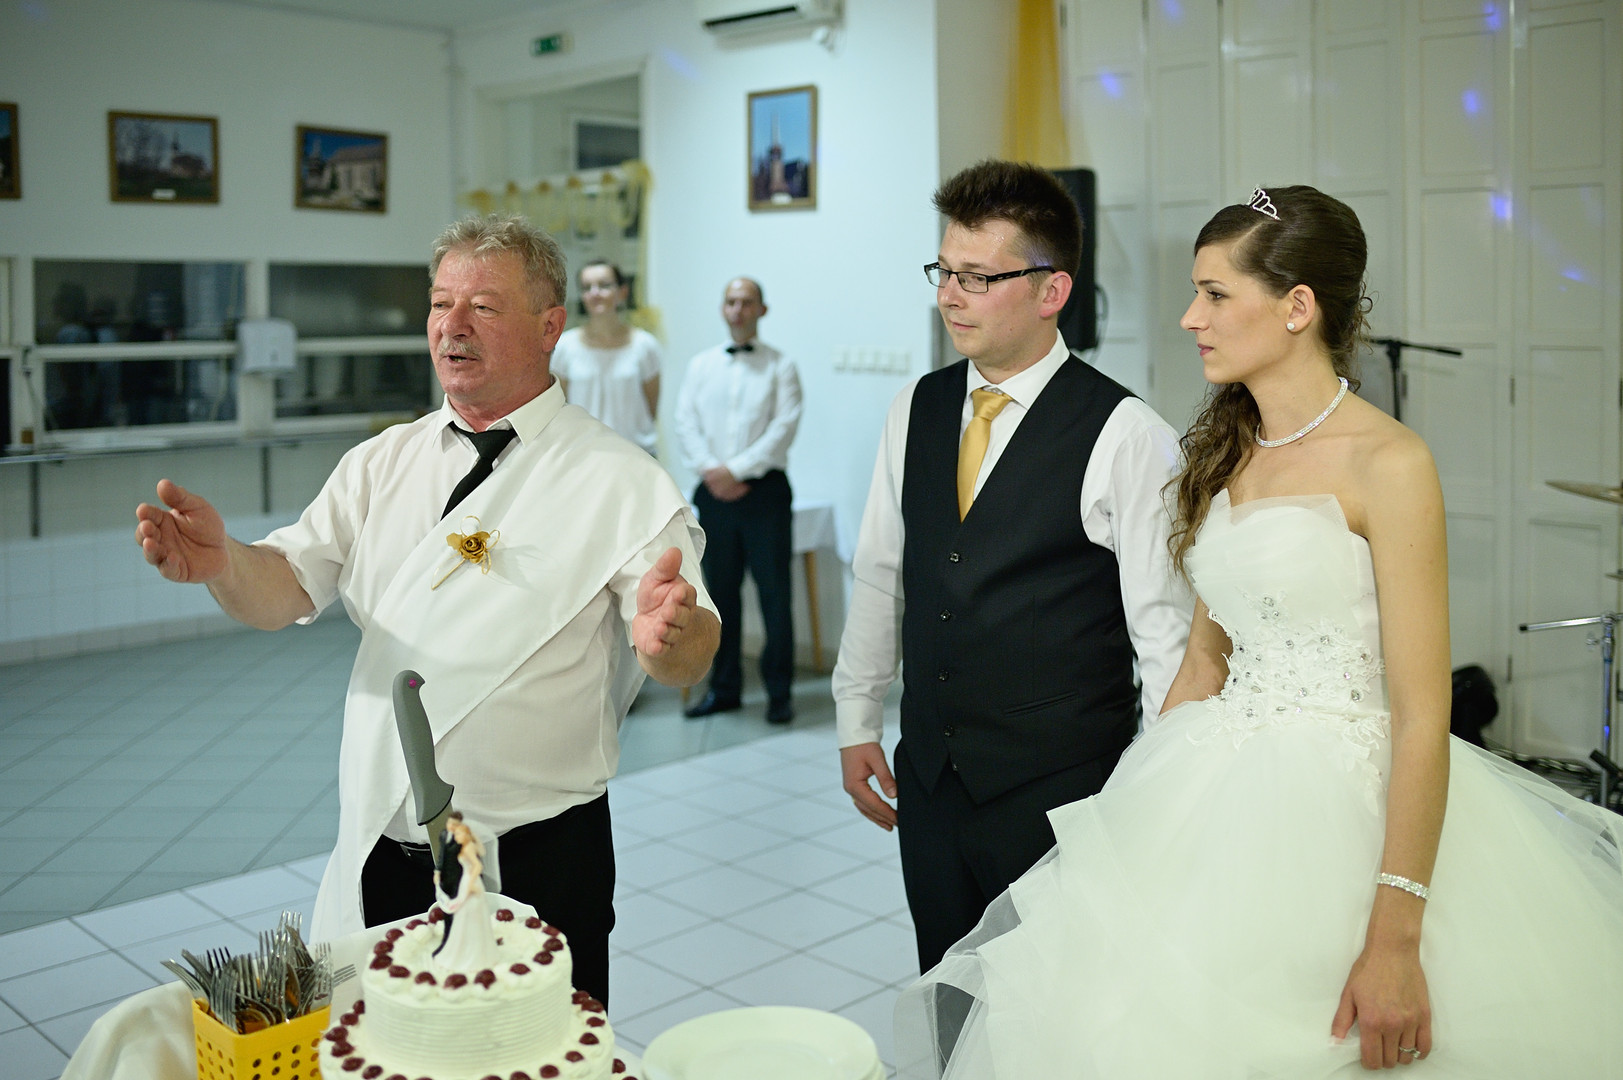 524 - Esküvő fotózás - Dia és Endi  - Bu